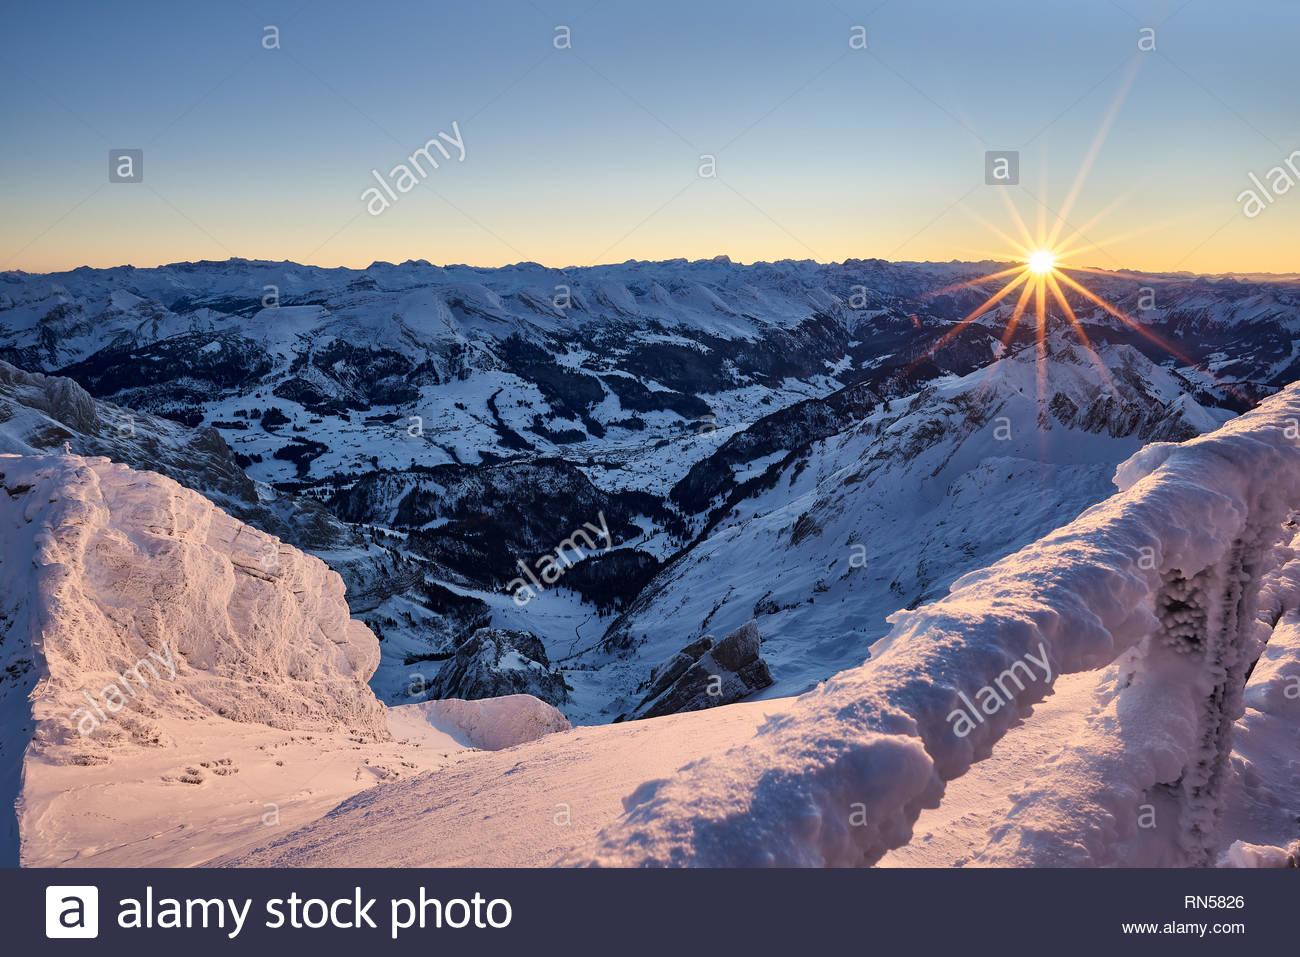 Blick vom Säntis bei Sonnenuntergang Richtung Toggenburg, Sonnenstrahlen, schneebedeckte Berge, Licht und Schatten, Panorama, Himmel - Stock Image